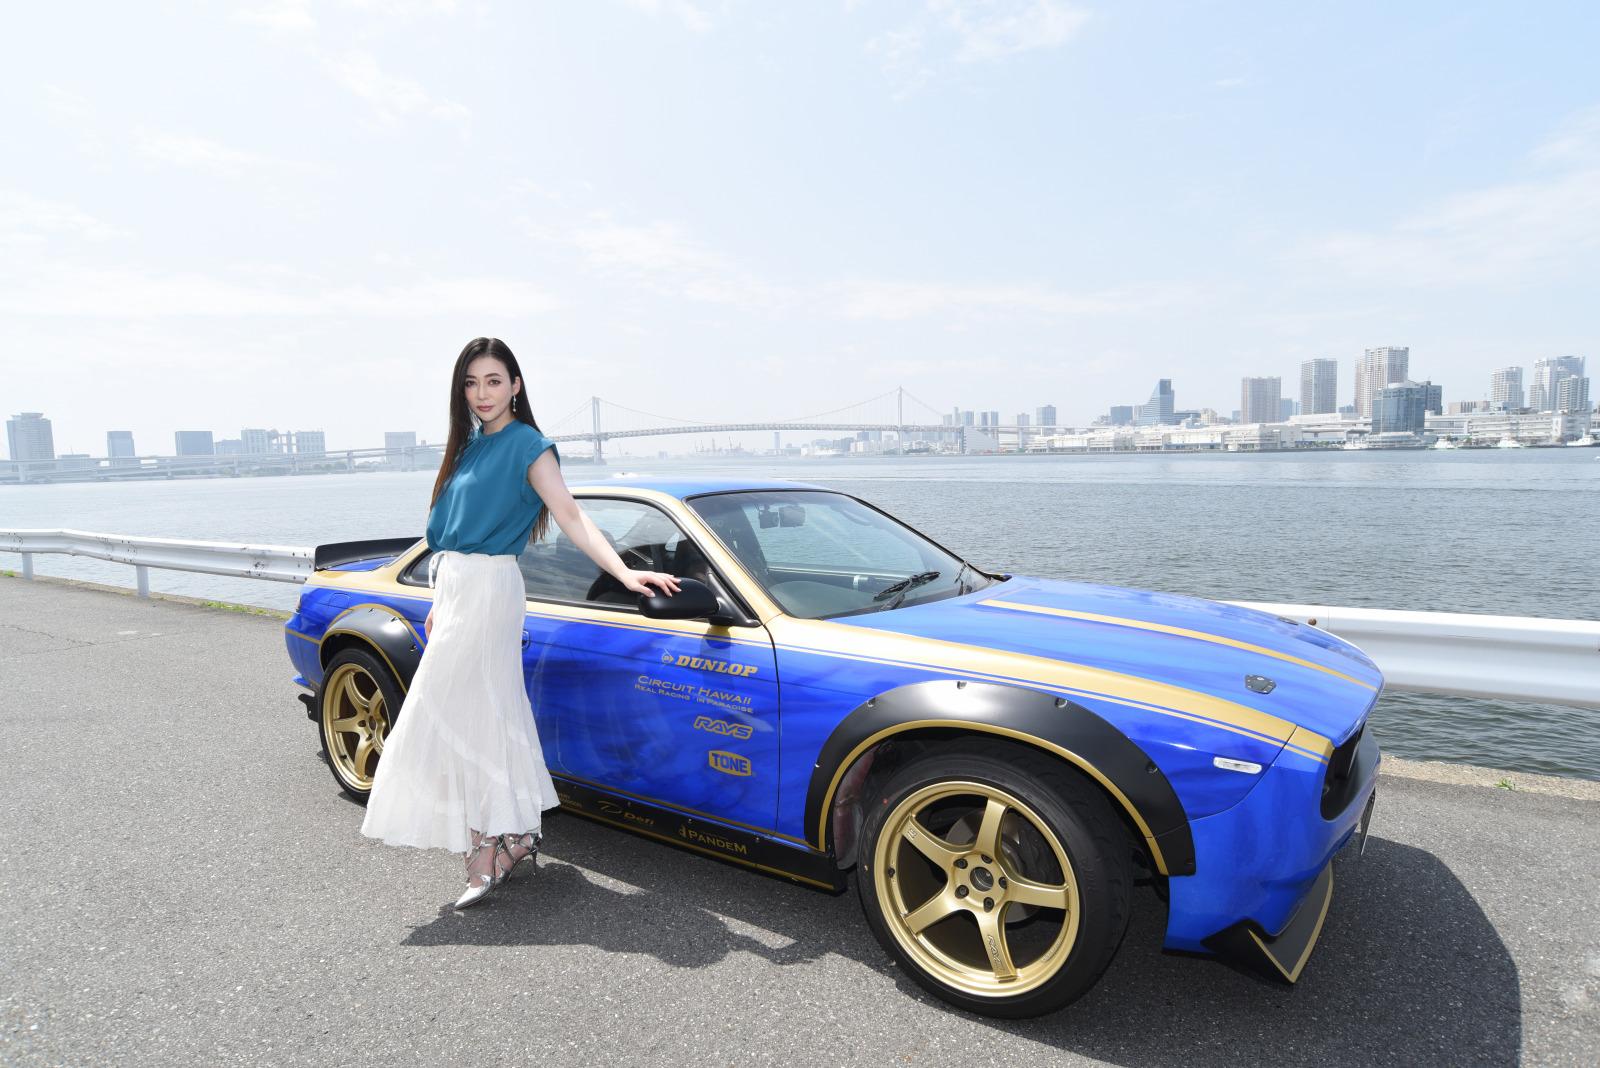 「塚本奈々美がアンバサダーに就任!7周年を迎えたレースゲーム「ドリフトスピリッツ」の貢献」の1枚目の画像